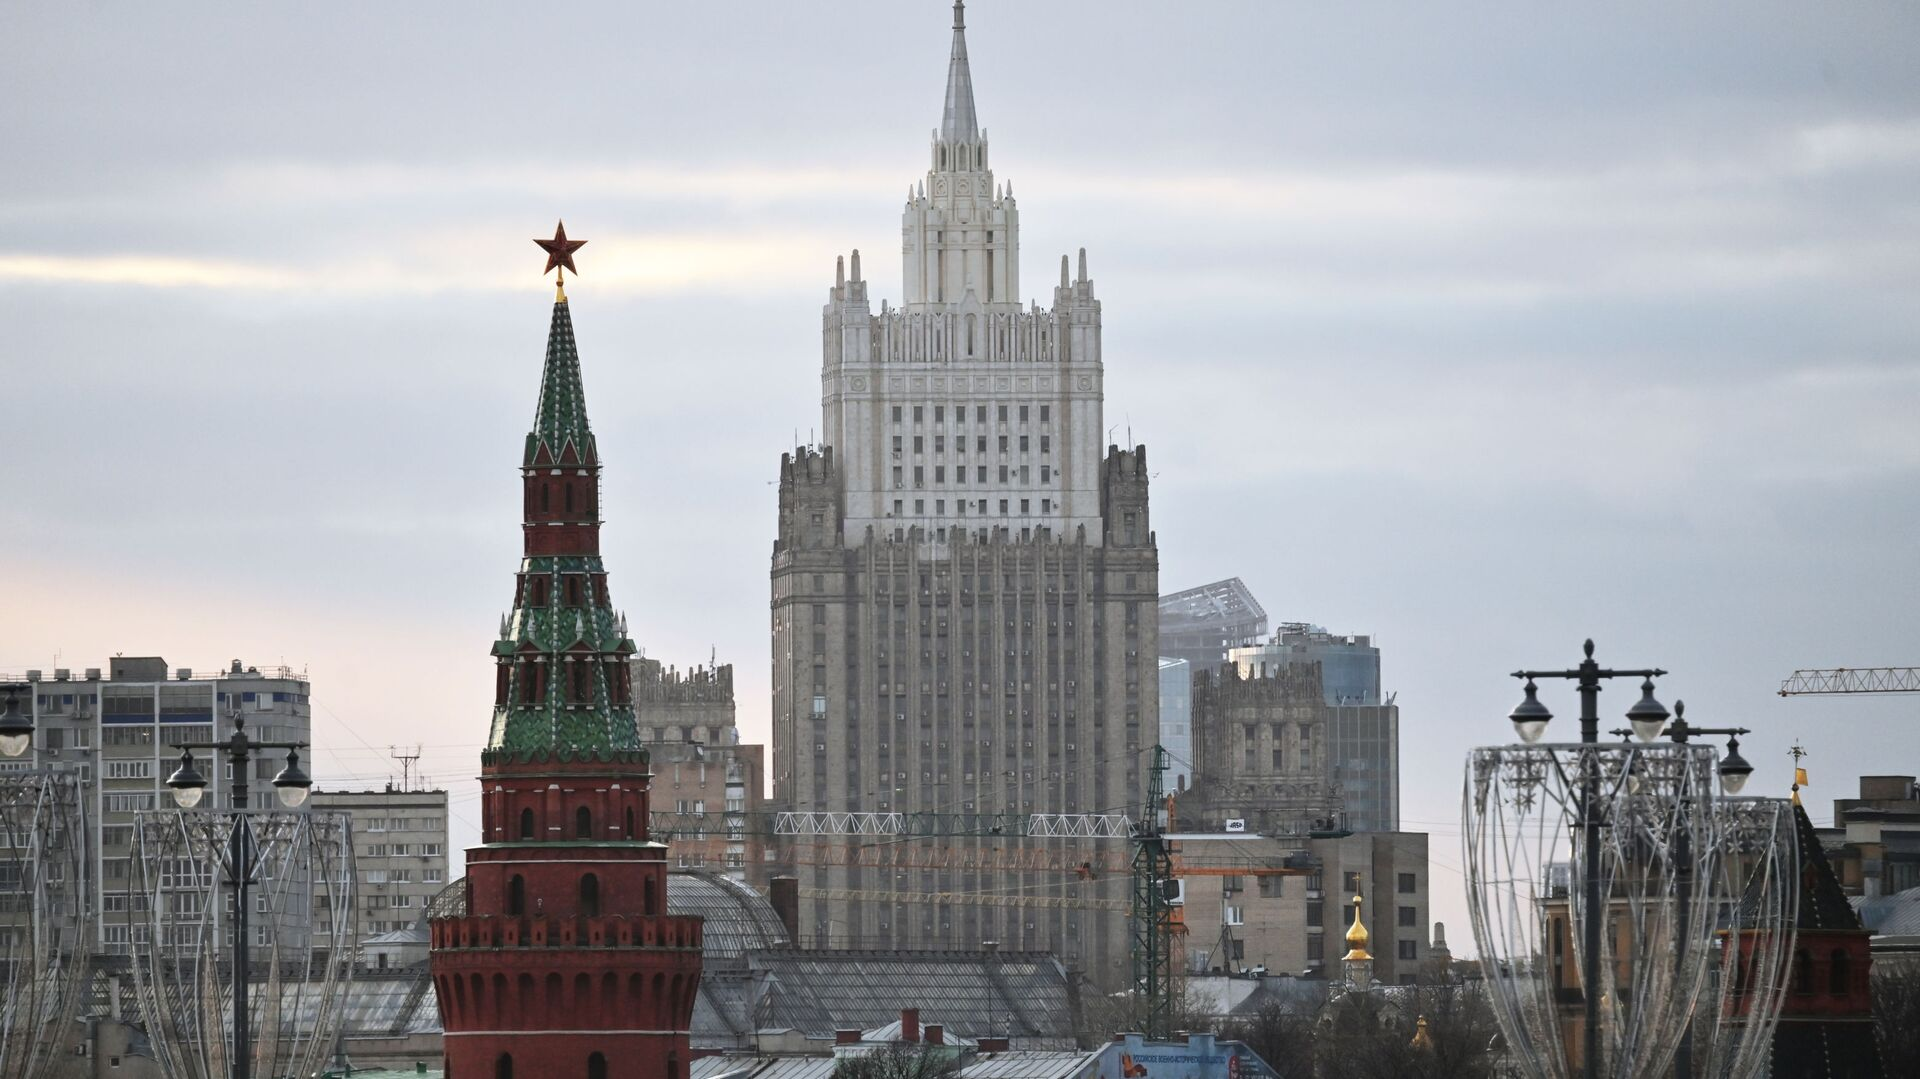 Ruské ministerstvo zahraničí v Moskvě - Sputnik Česká republika, 1920, 22.04.2021